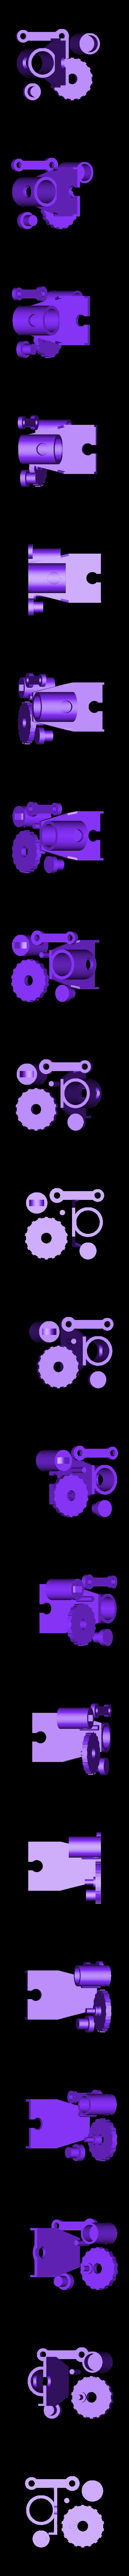 pistontray_fixed.stl Télécharger fichier STL gratuit moteur monocylindre • Objet à imprimer en 3D, Mathorethan